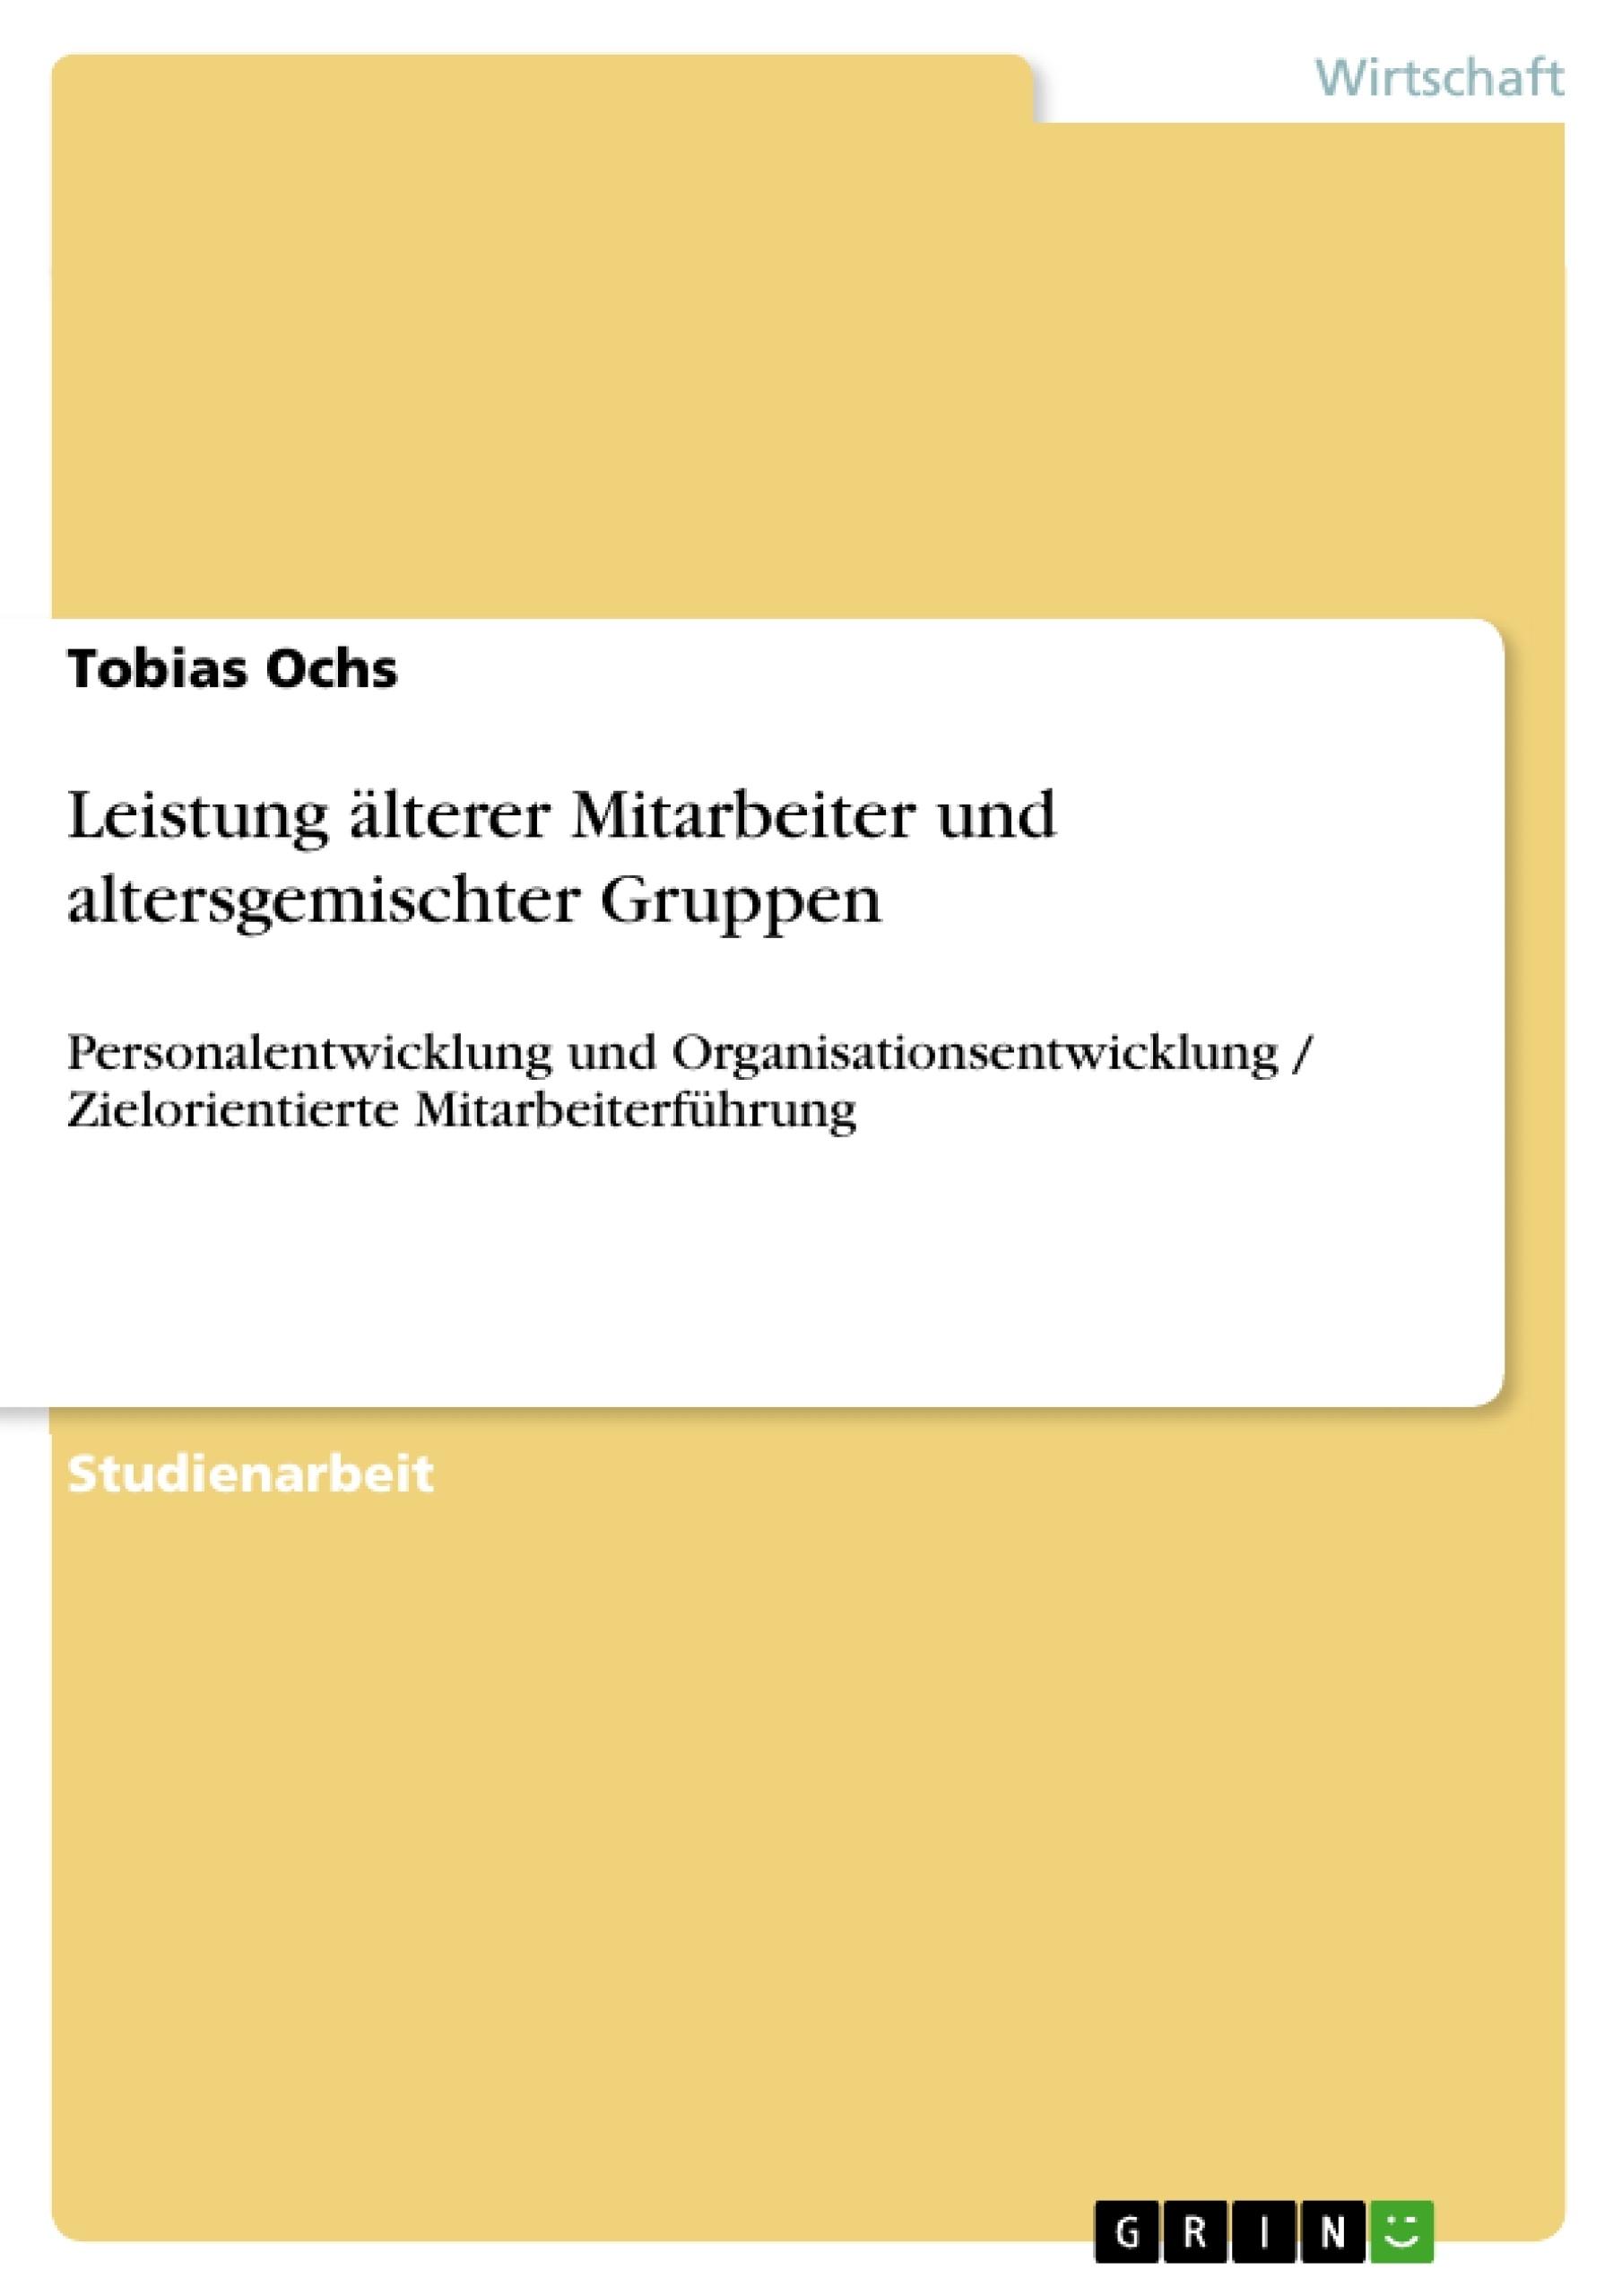 Titel: Leistung älterer Mitarbeiter und altersgemischter Gruppen